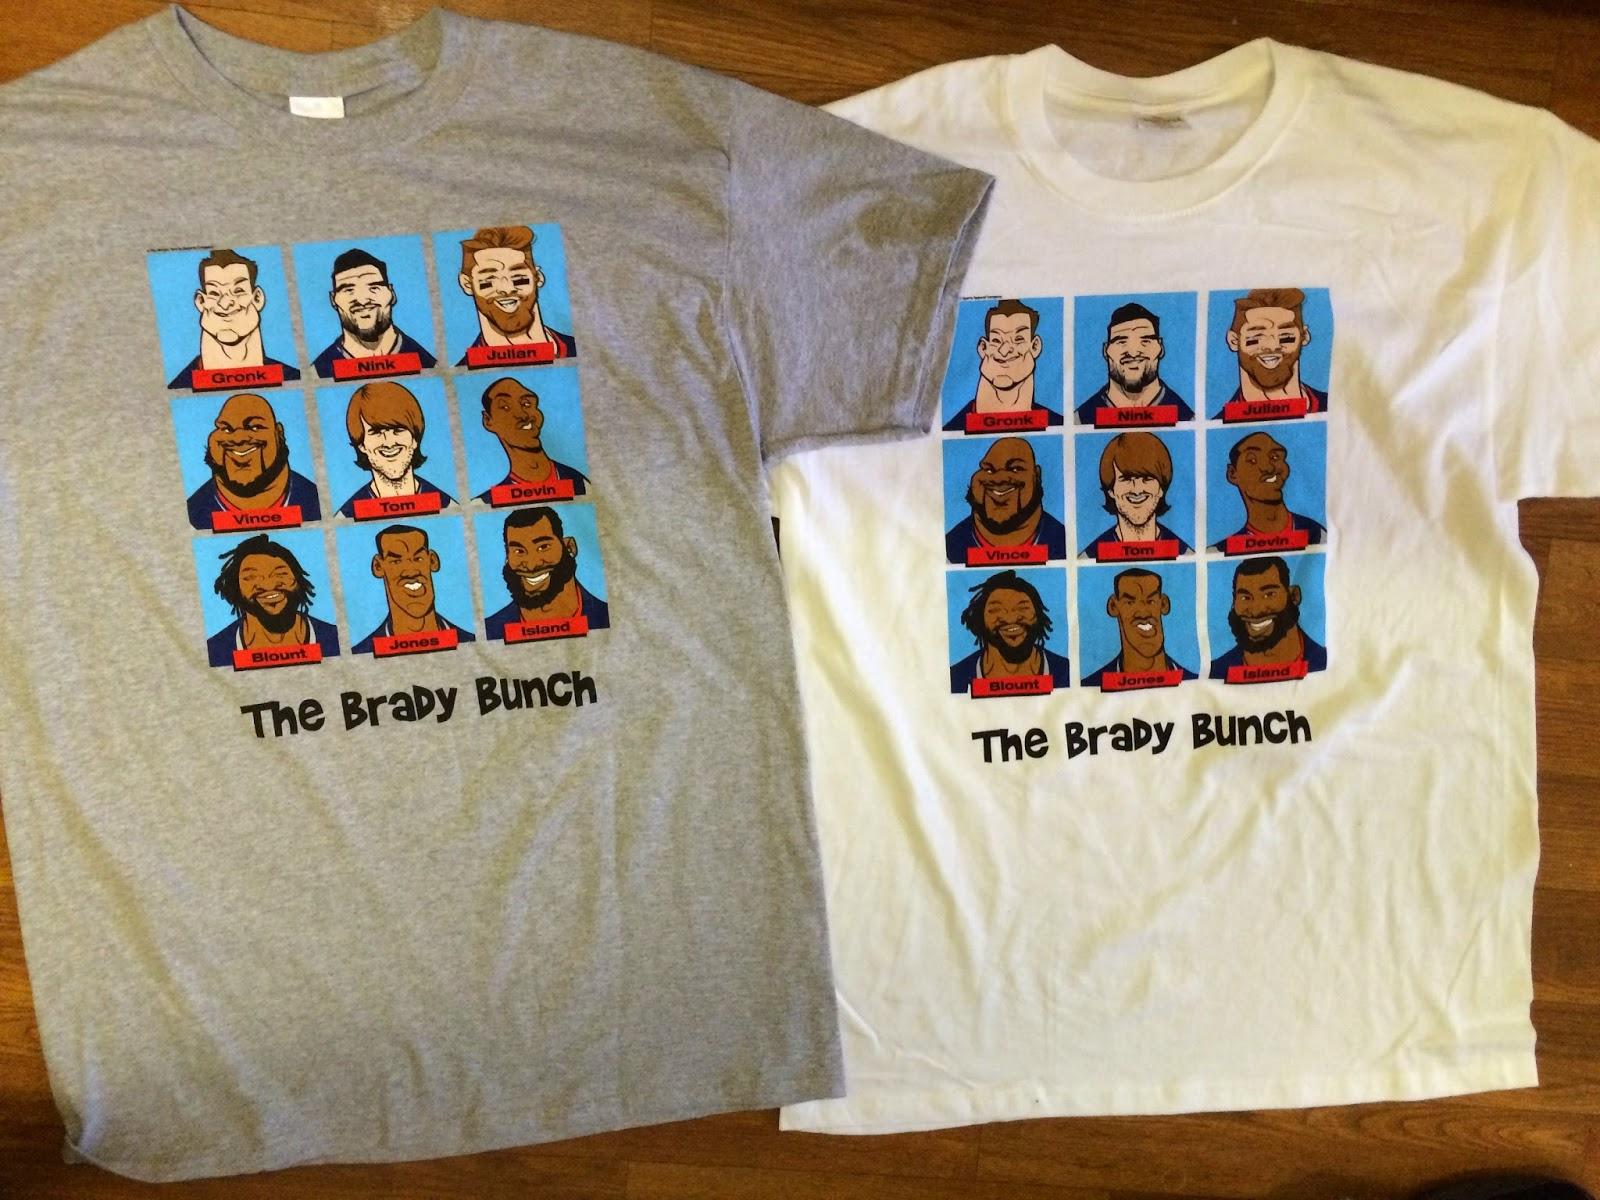 Brady Bunch Patriots The Brady Bunch T-shirts